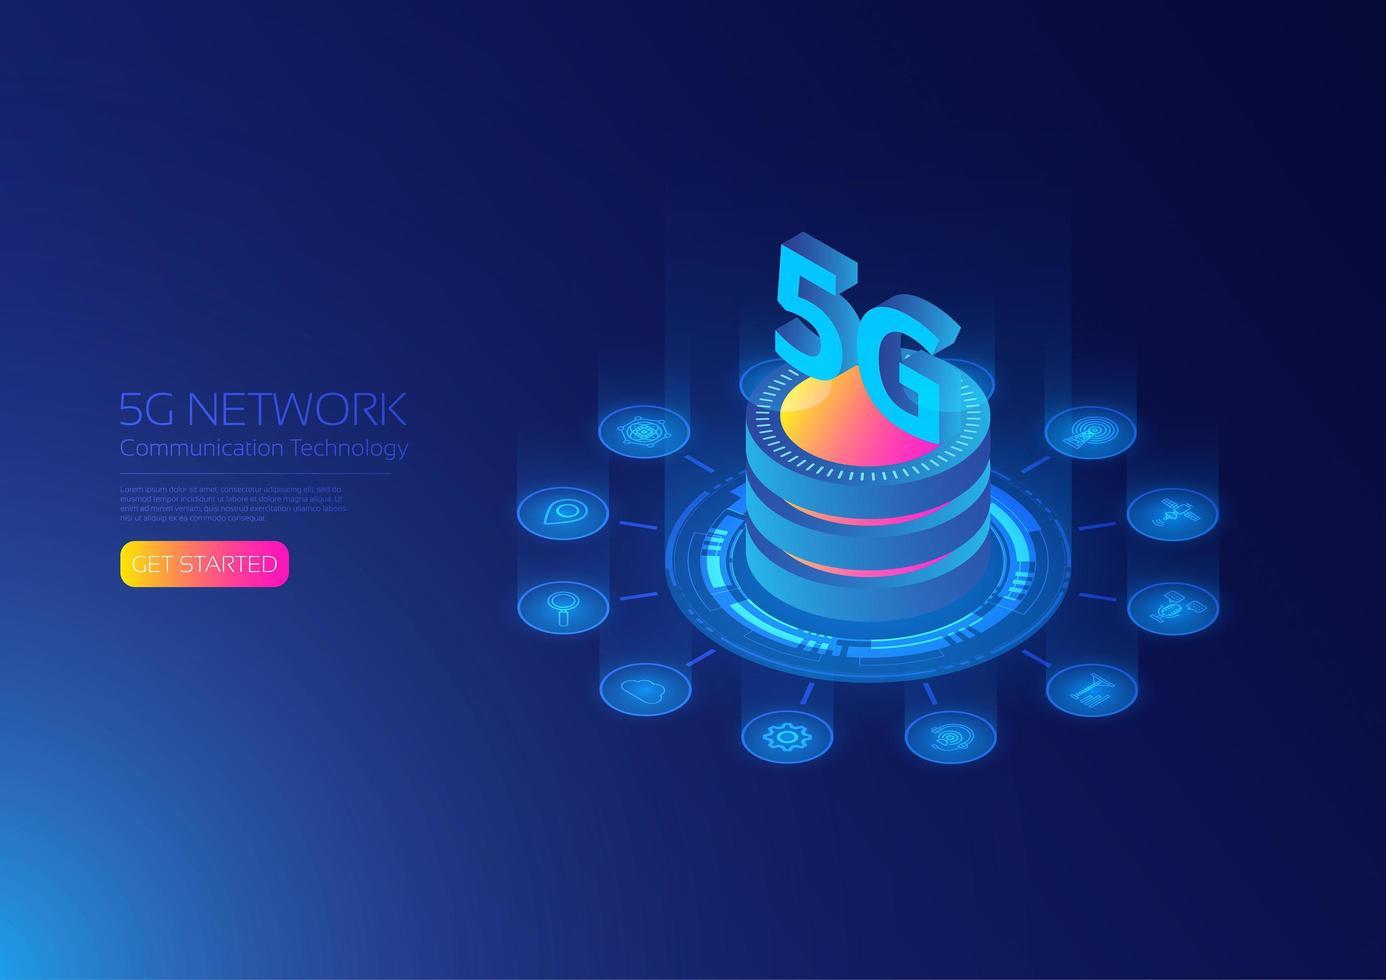 Tecnologia di rete 5g vettore